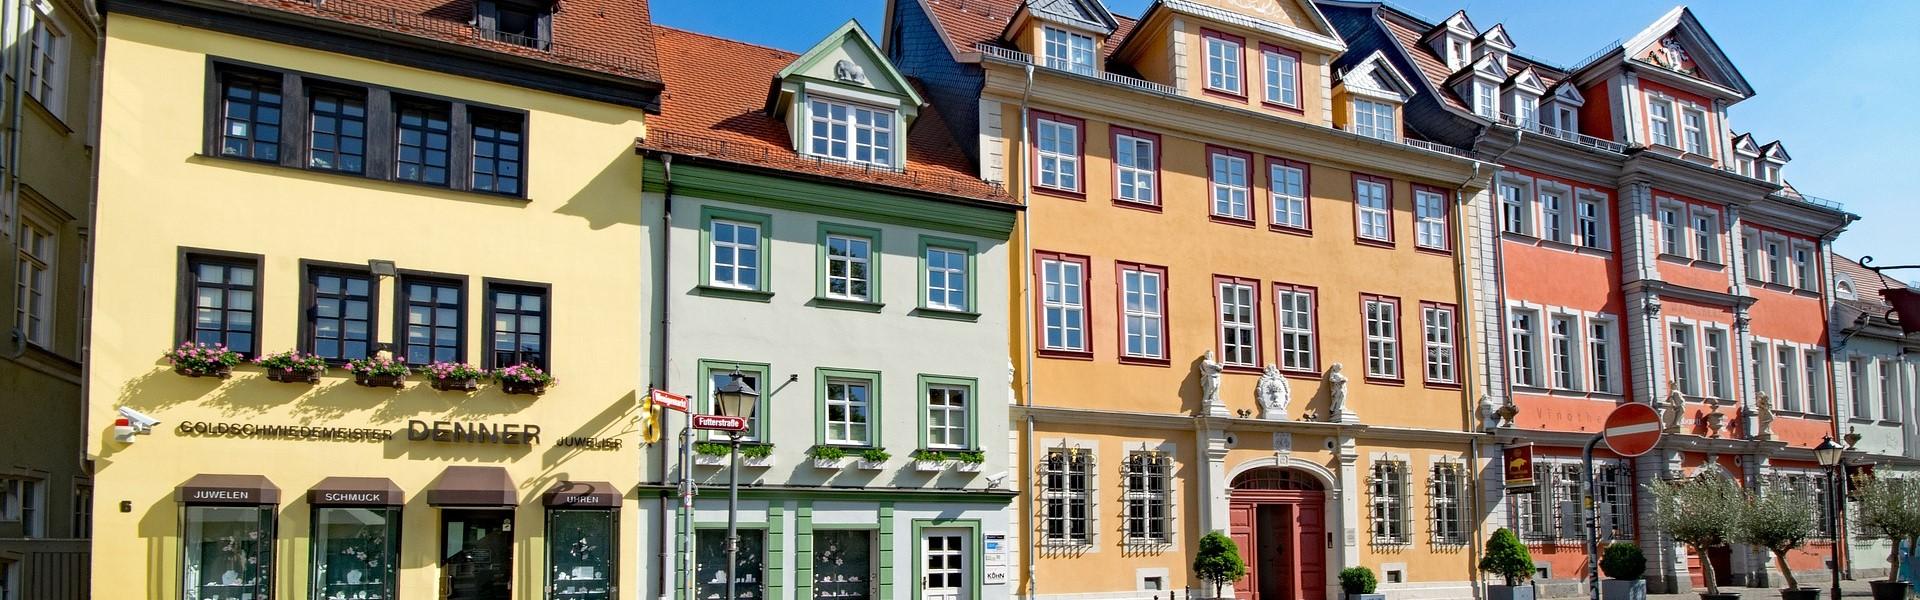 Immobilien kaufen in Erfurt und Region mit IMMOSTERN® Erfurt Altstadt Via Regia Wenigemarkt